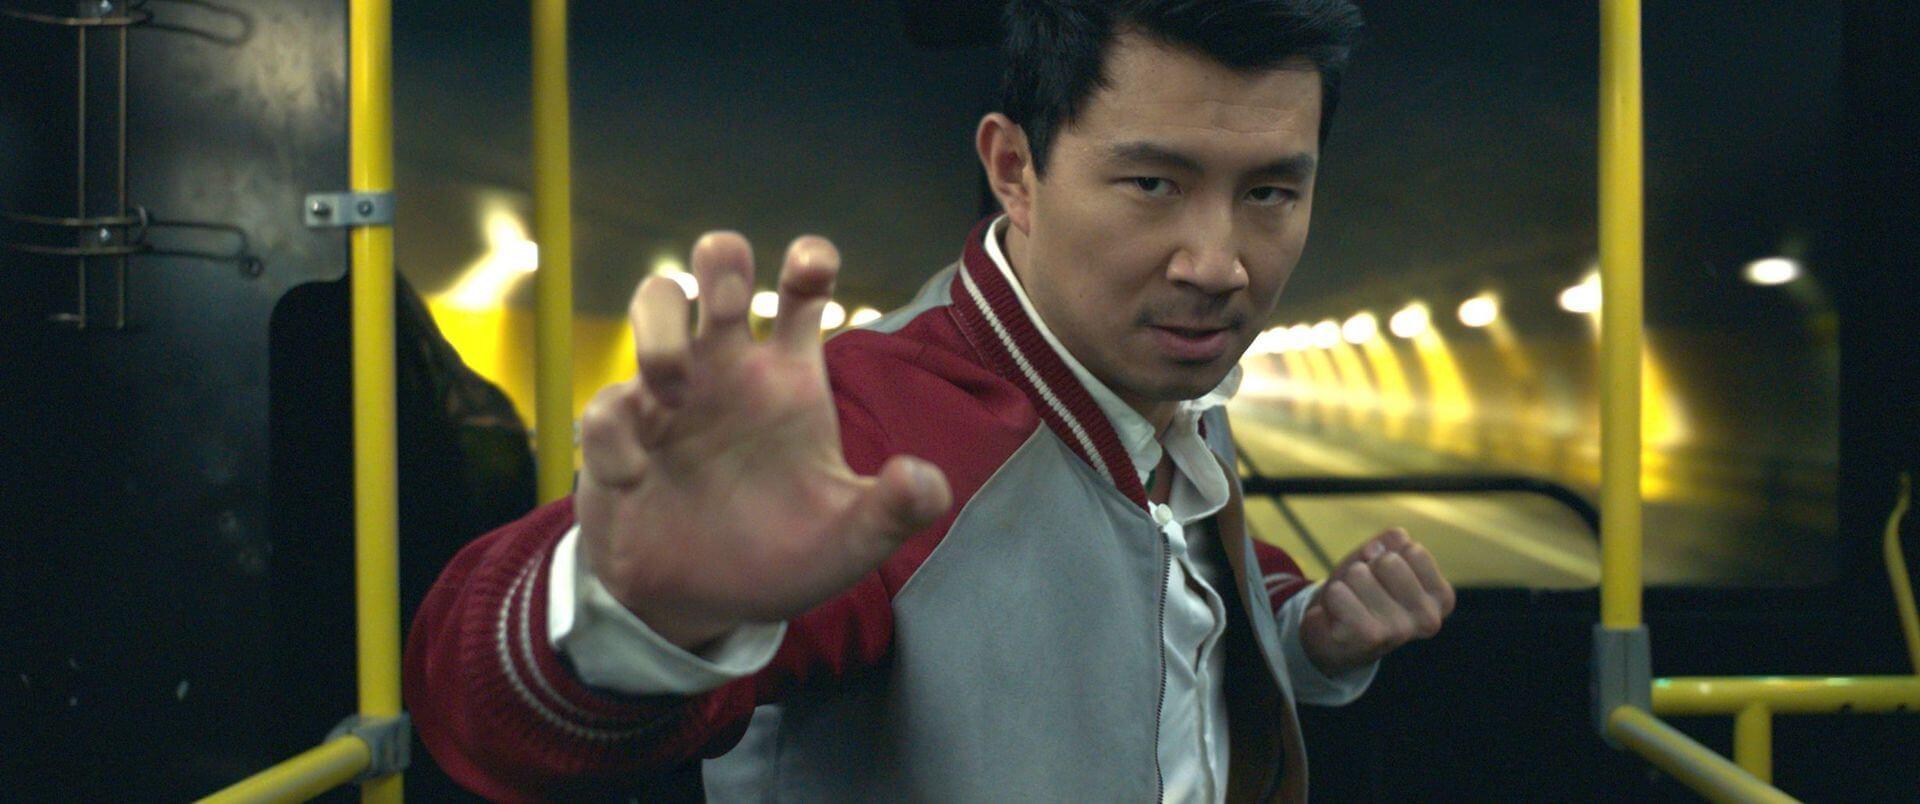 マーベル・スタジオの新ヒーローに世界中が大注目!『シャン・チー/テン・リングスの伝説』が2週連続全世界興収No.1を記録 film210913_shang_chi_1